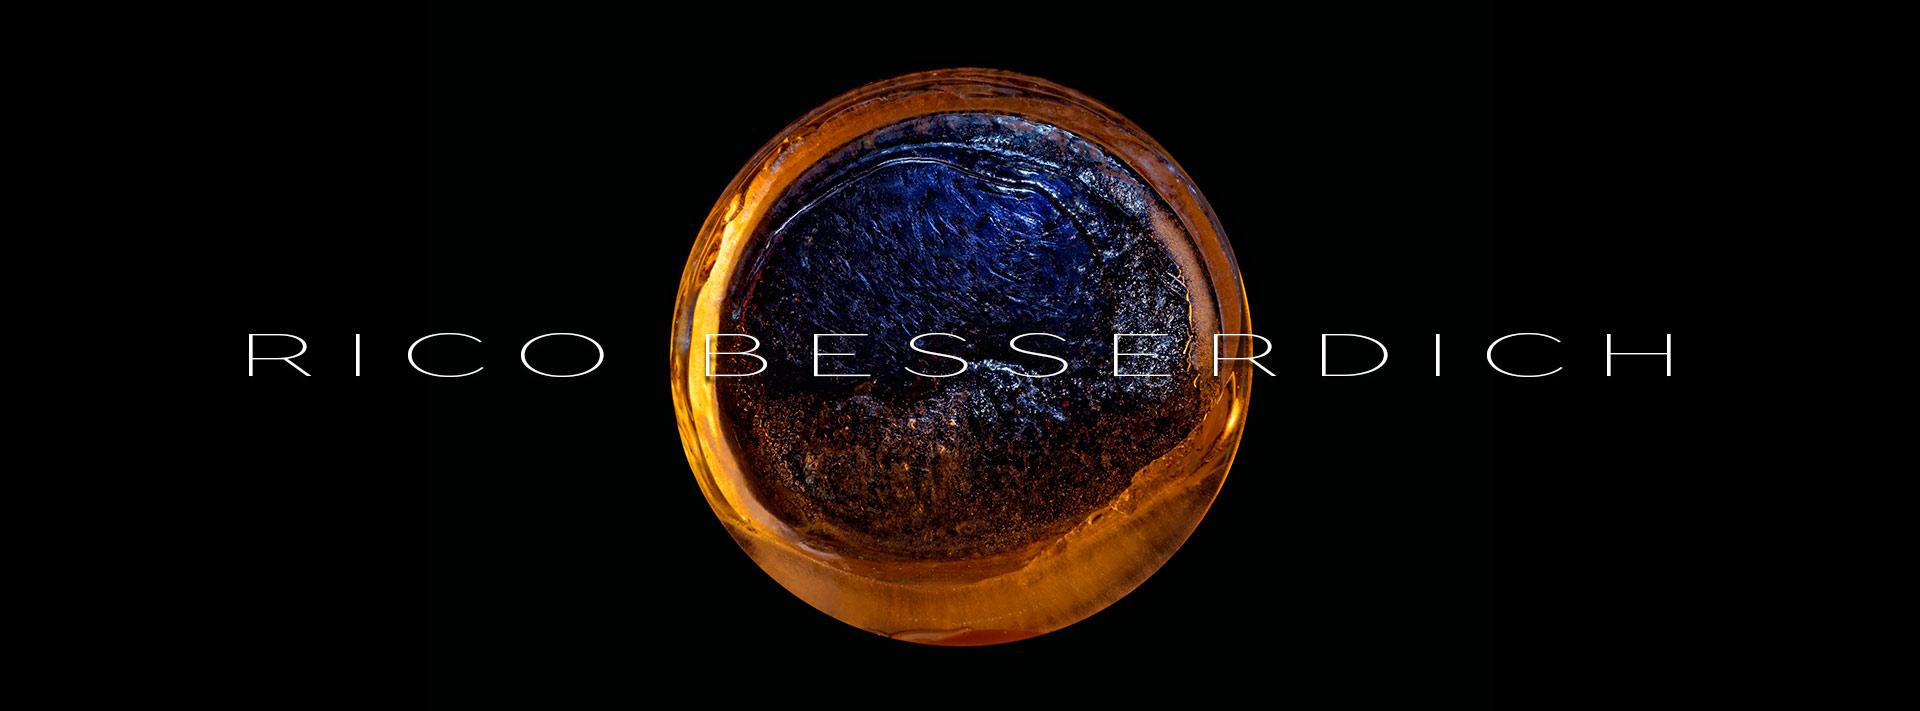 Rico Besserdich - aquatic imaging